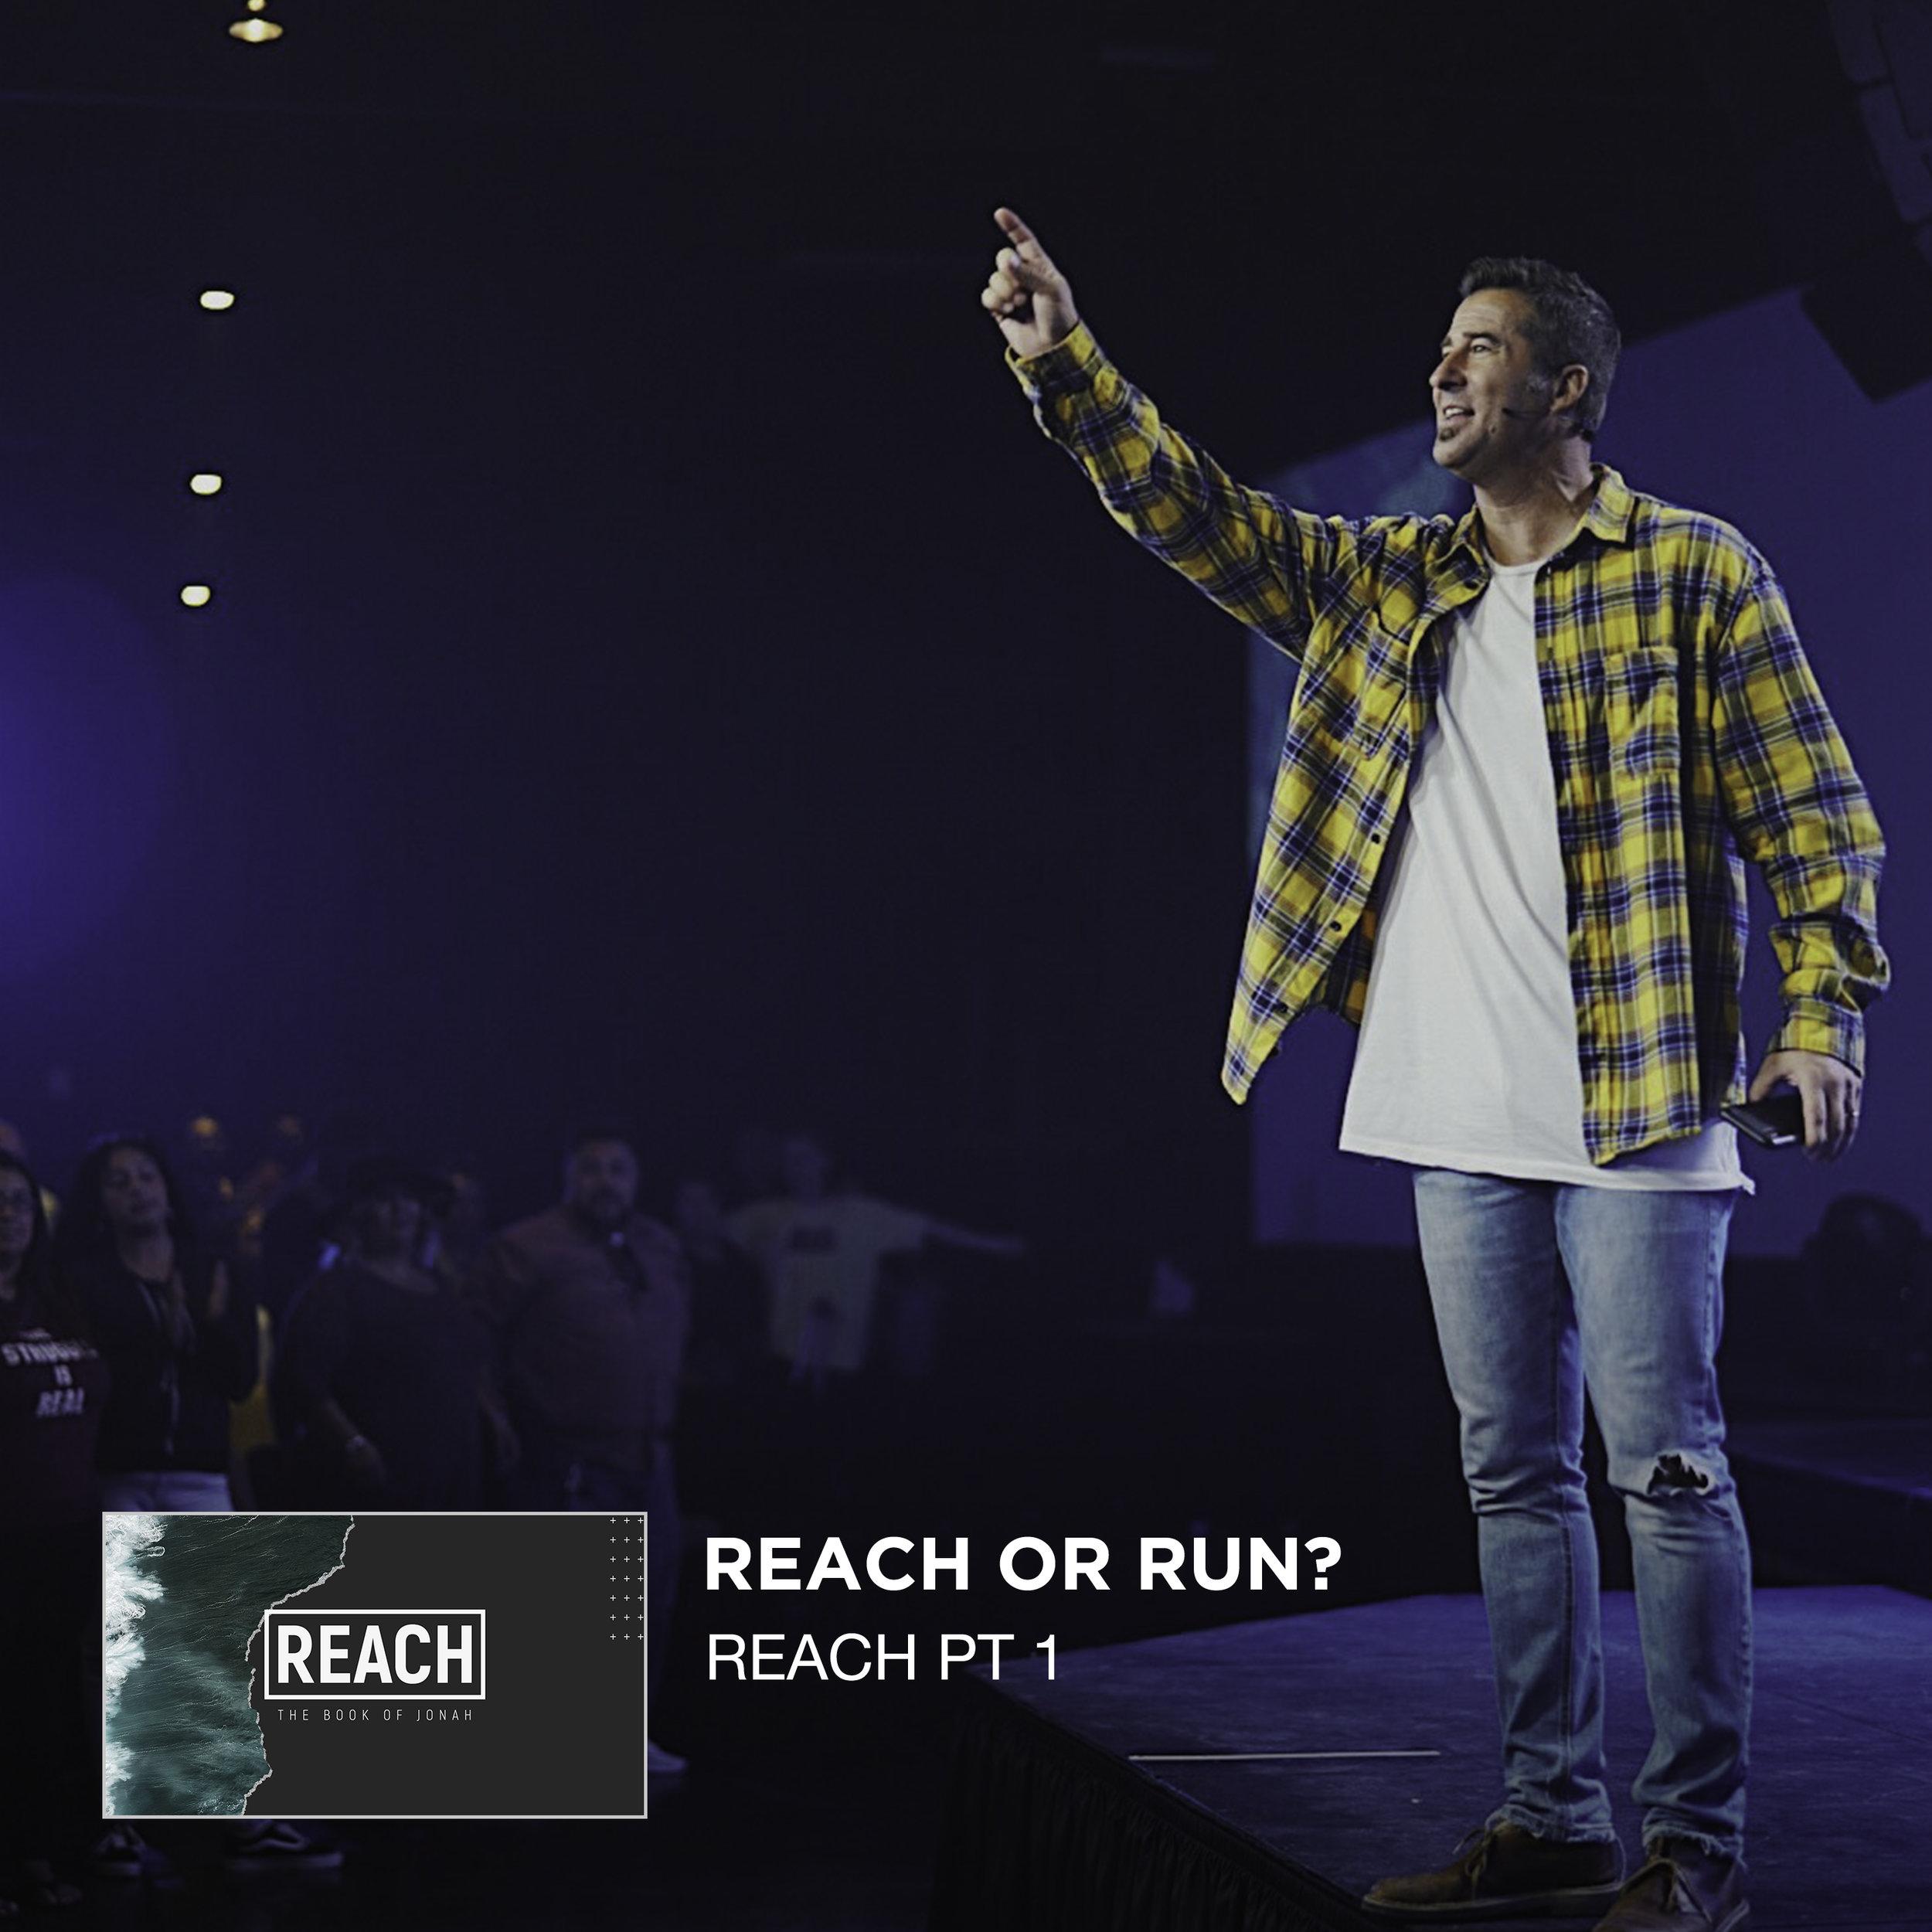 Reach Pt 1 - Reach or Run_ - Jared Ming Web.jpg